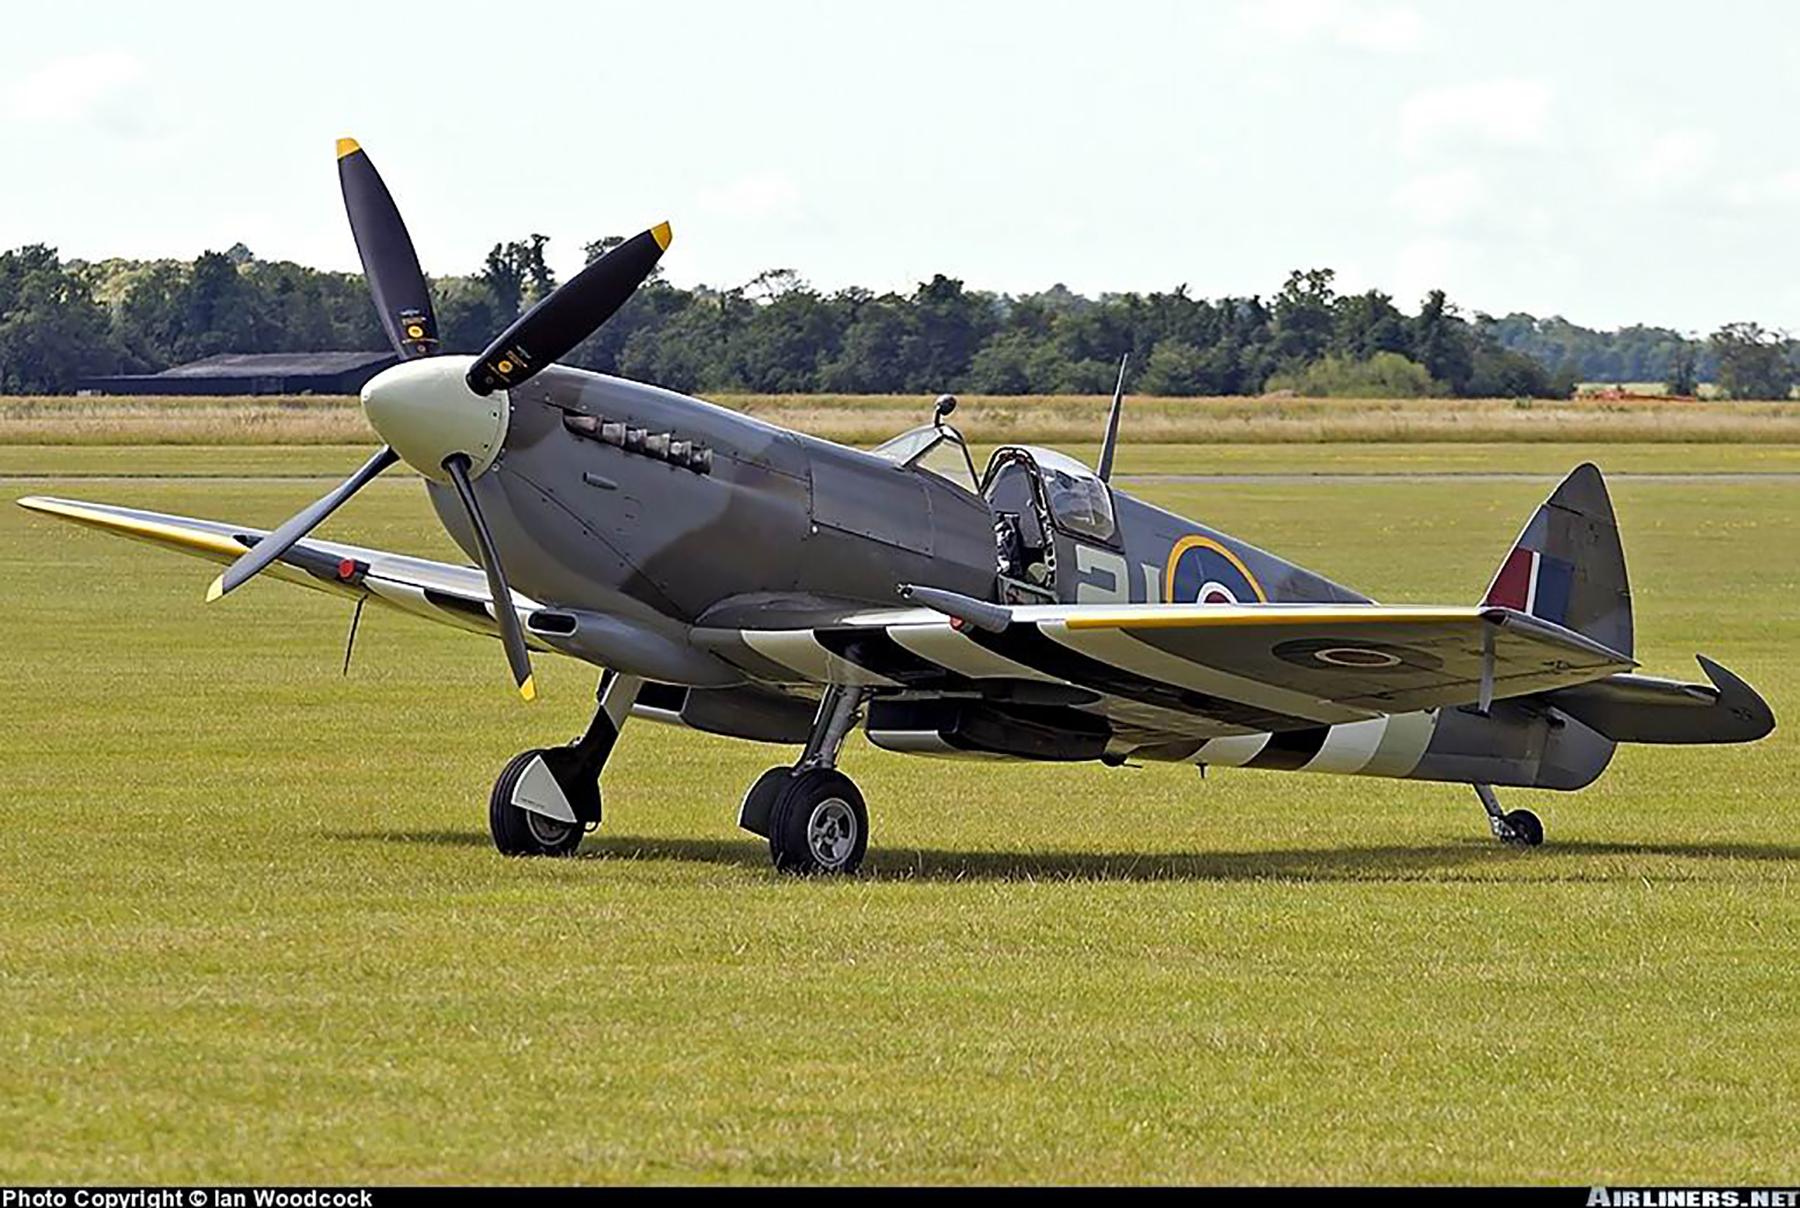 Airworthy Spitfire warbird MkIXe RCAF 443Sqn 2IV MK356 01